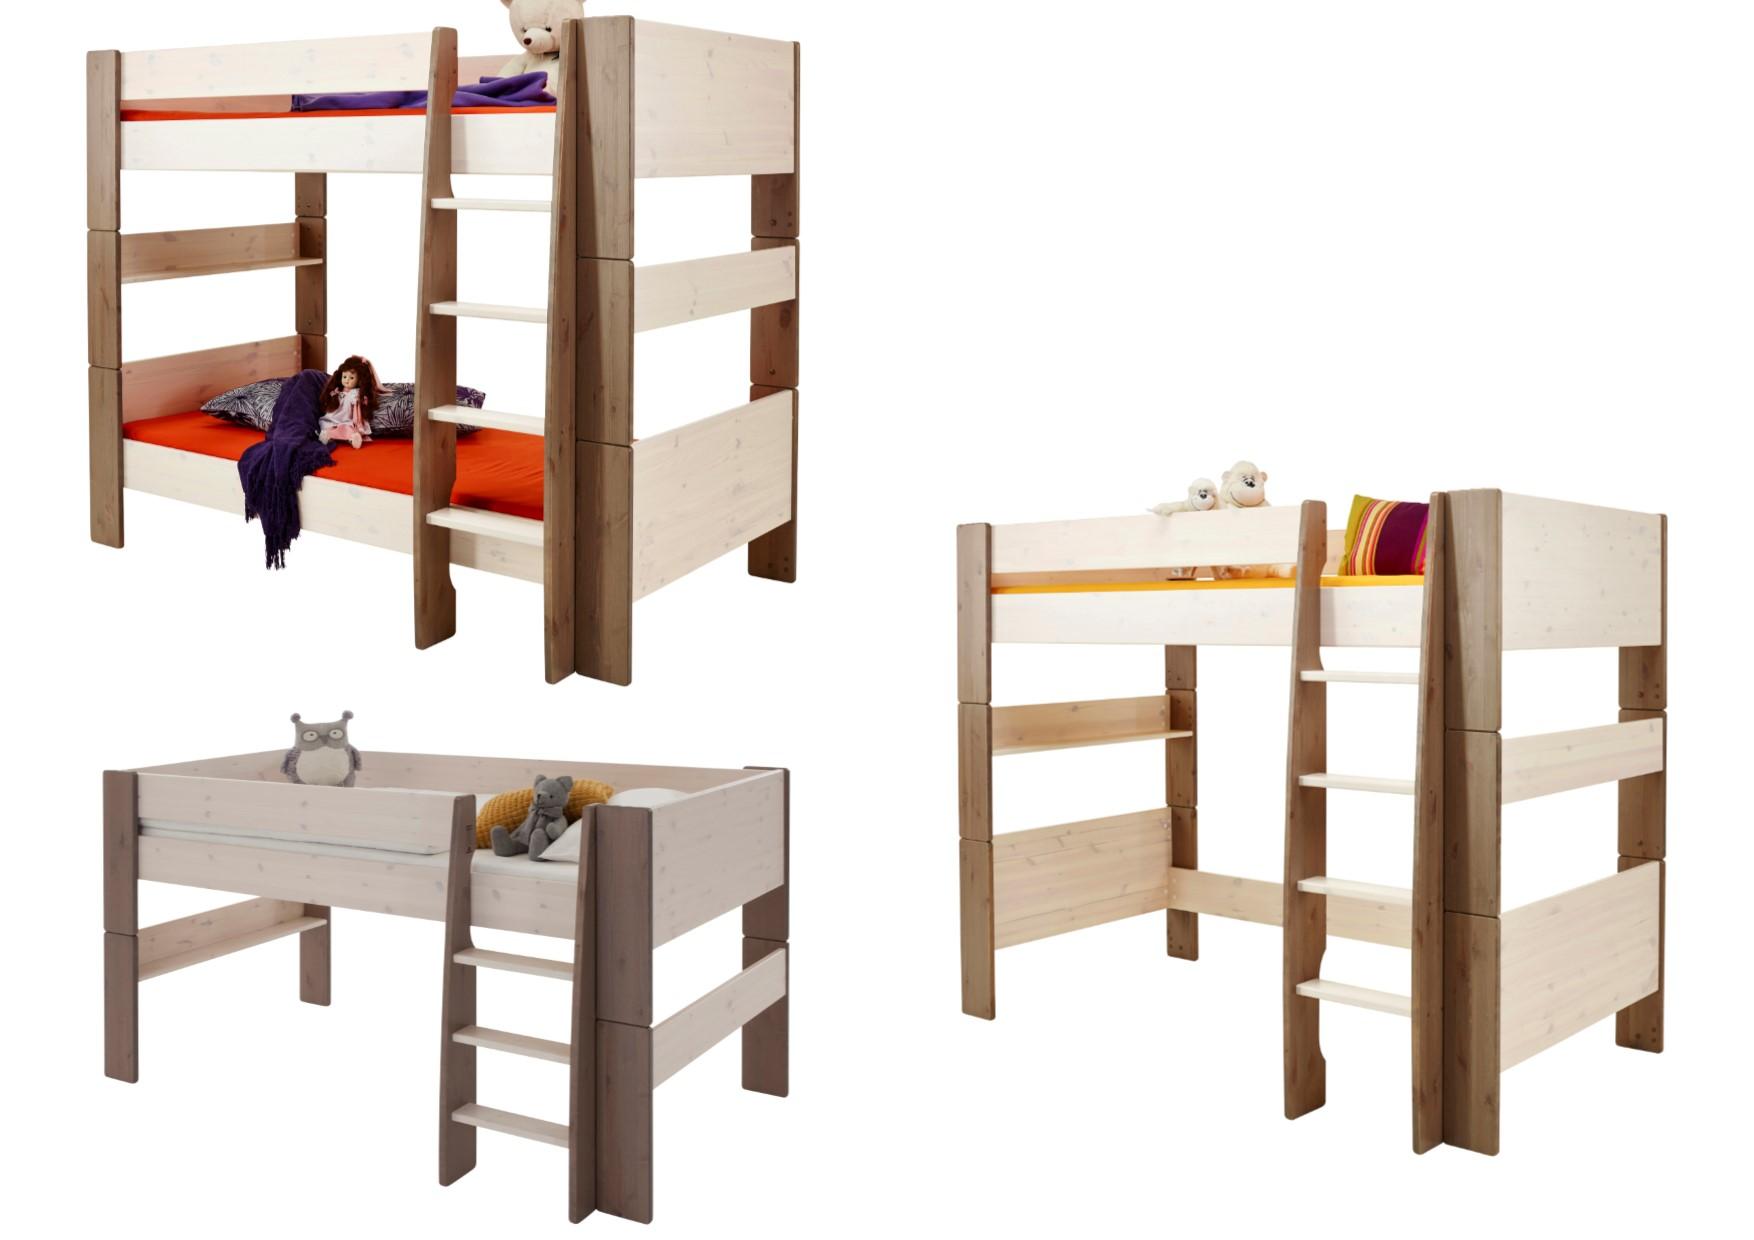 992534e6177 Steens Cream   Brown Pine Kids Beds - Midsleeper